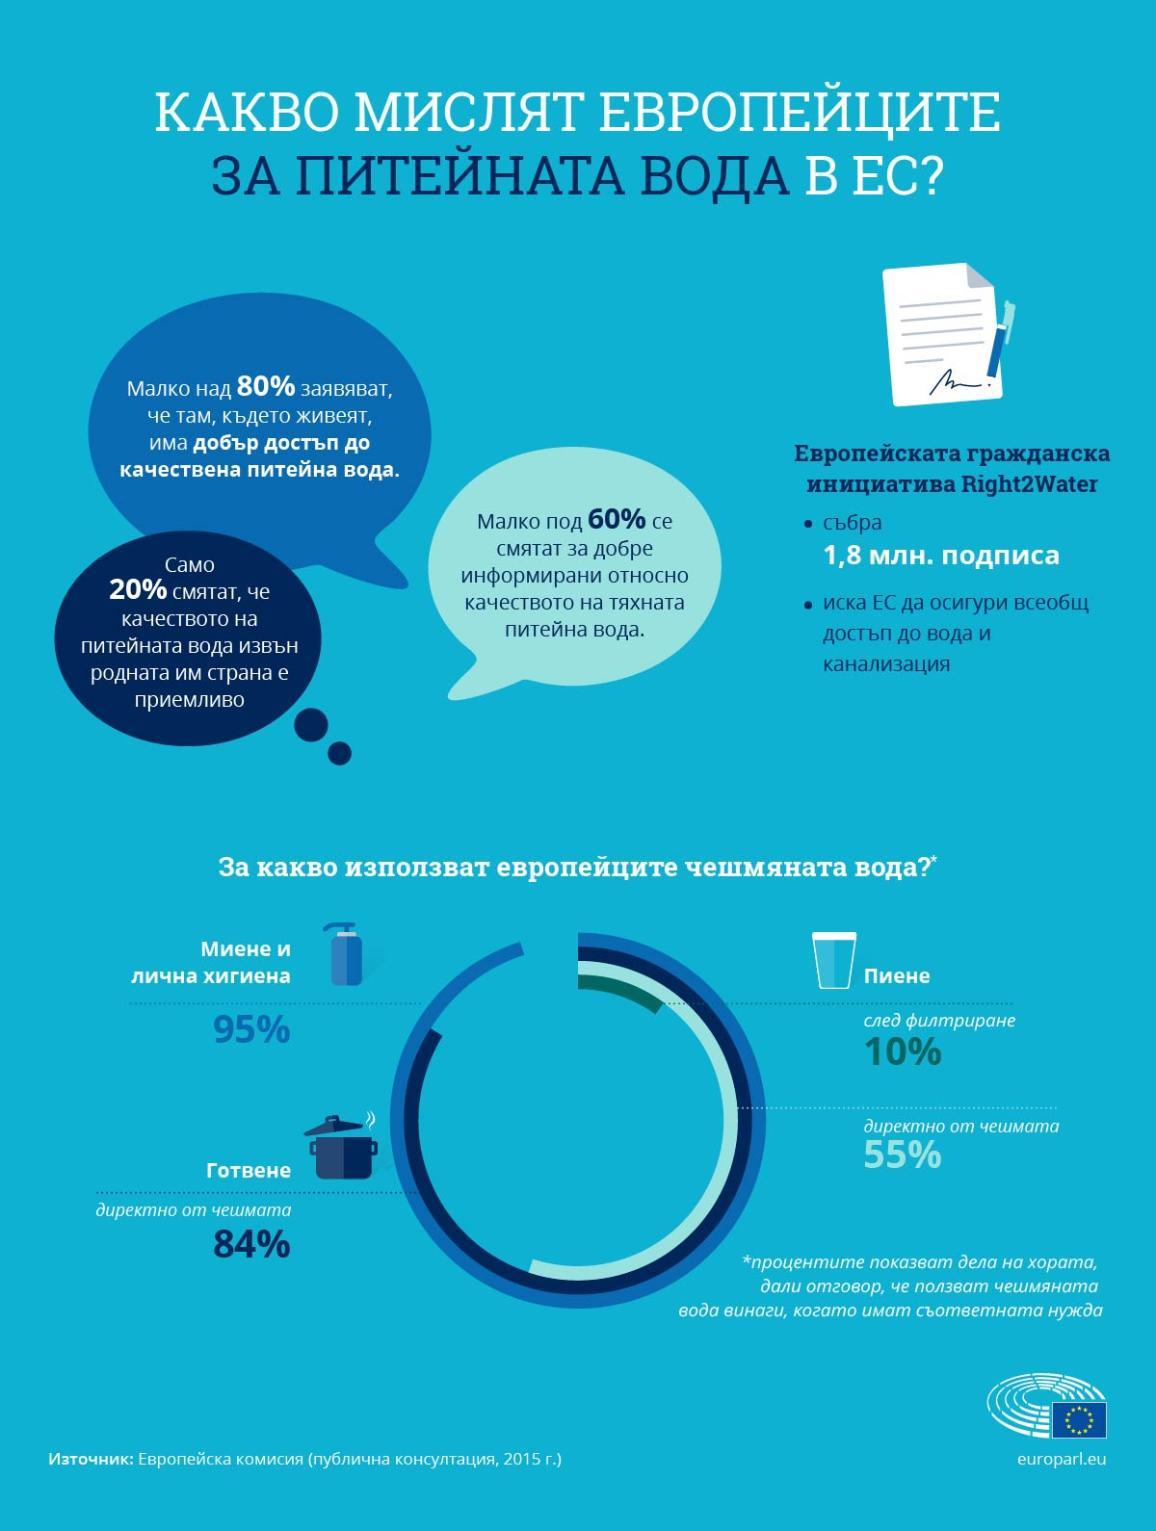 Инфографика: Какво мислят европейците за питейната вода в ЕС